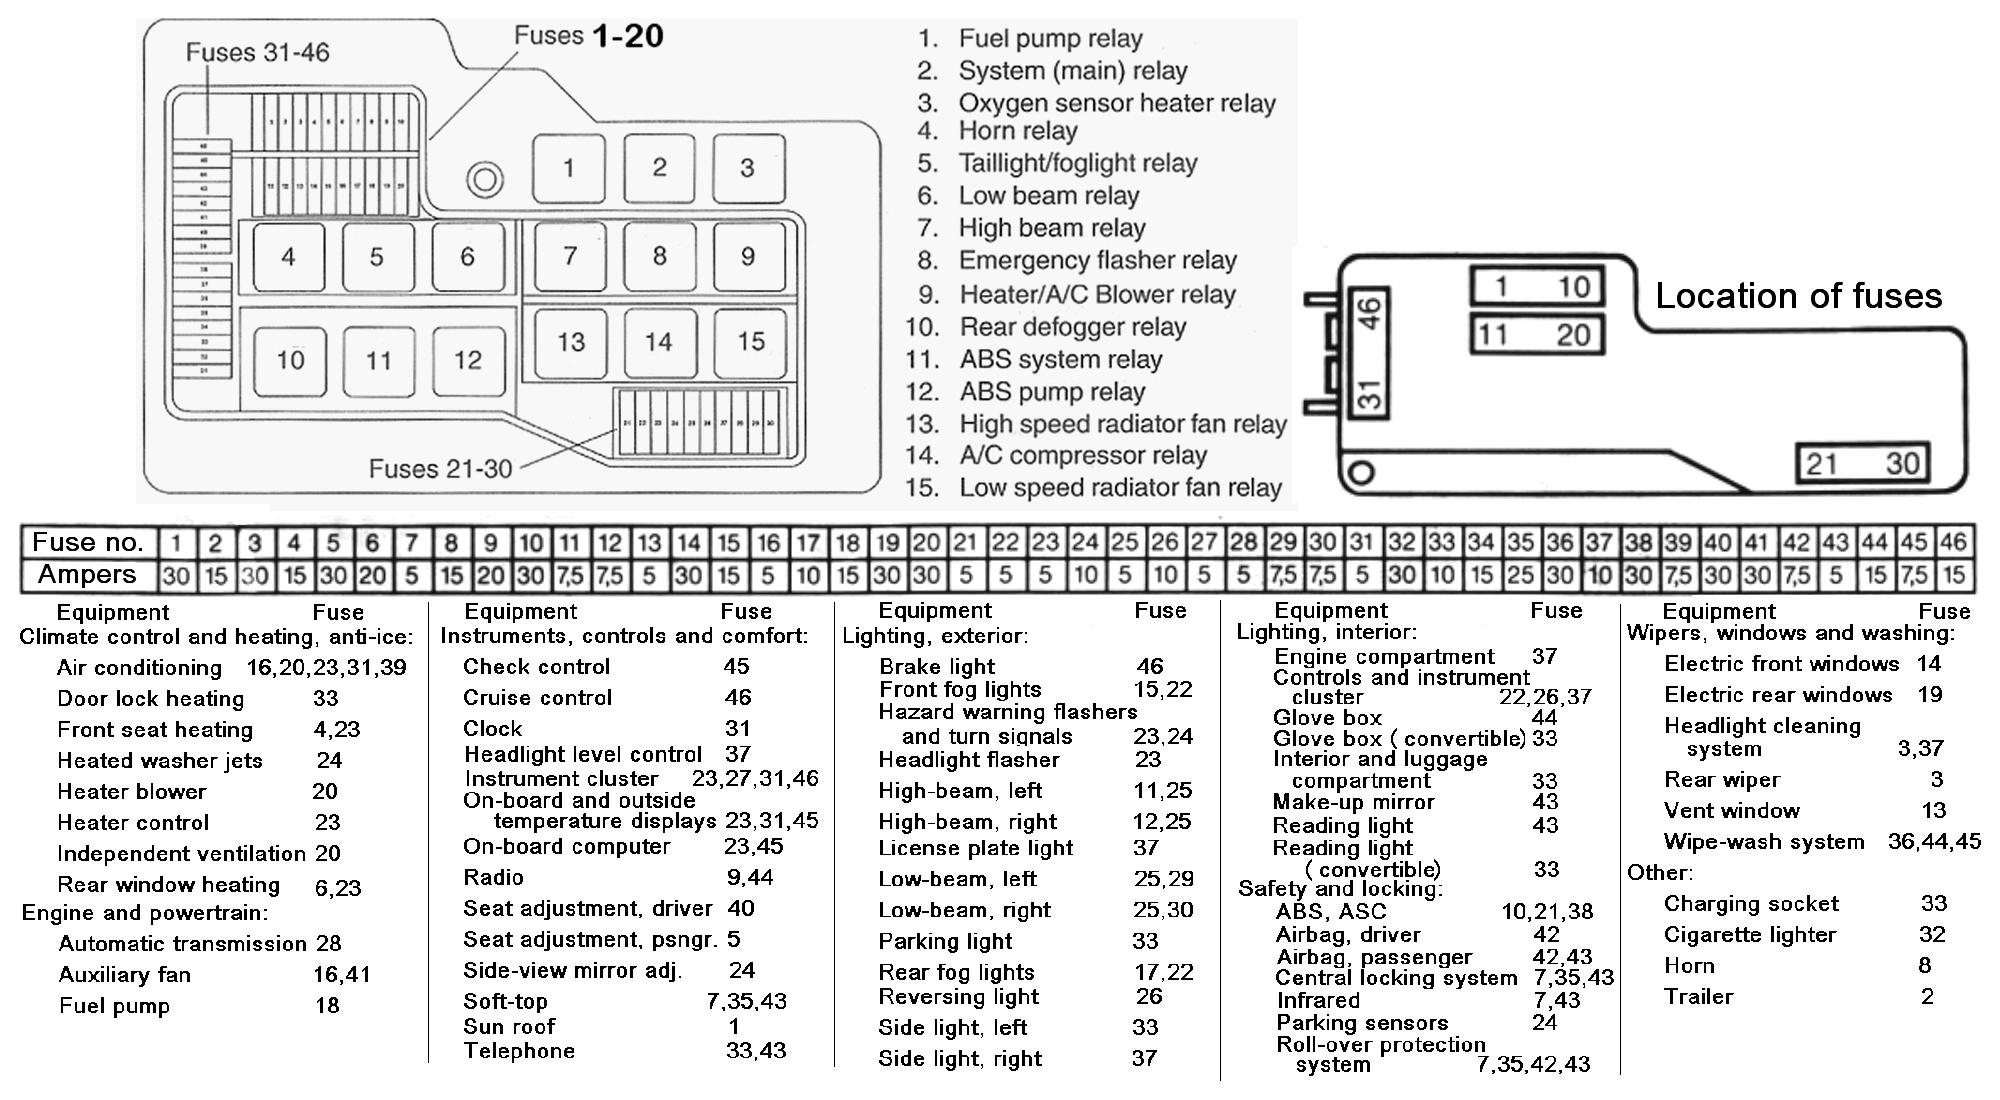 fuse diagram for 2001 bmw 740i